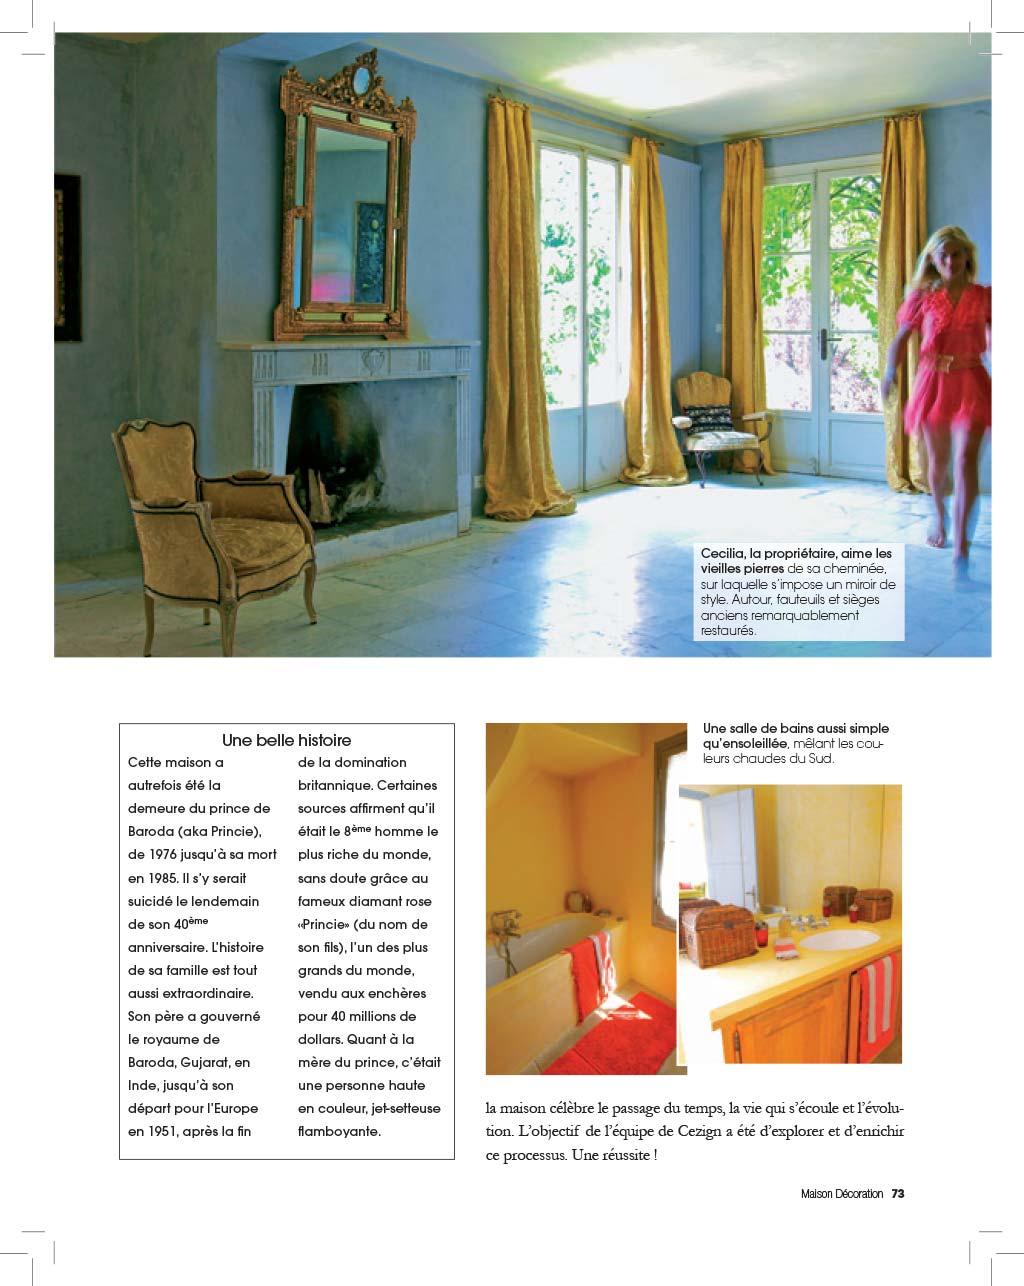 Cezign press maison decoration france for Decoration maison francaise